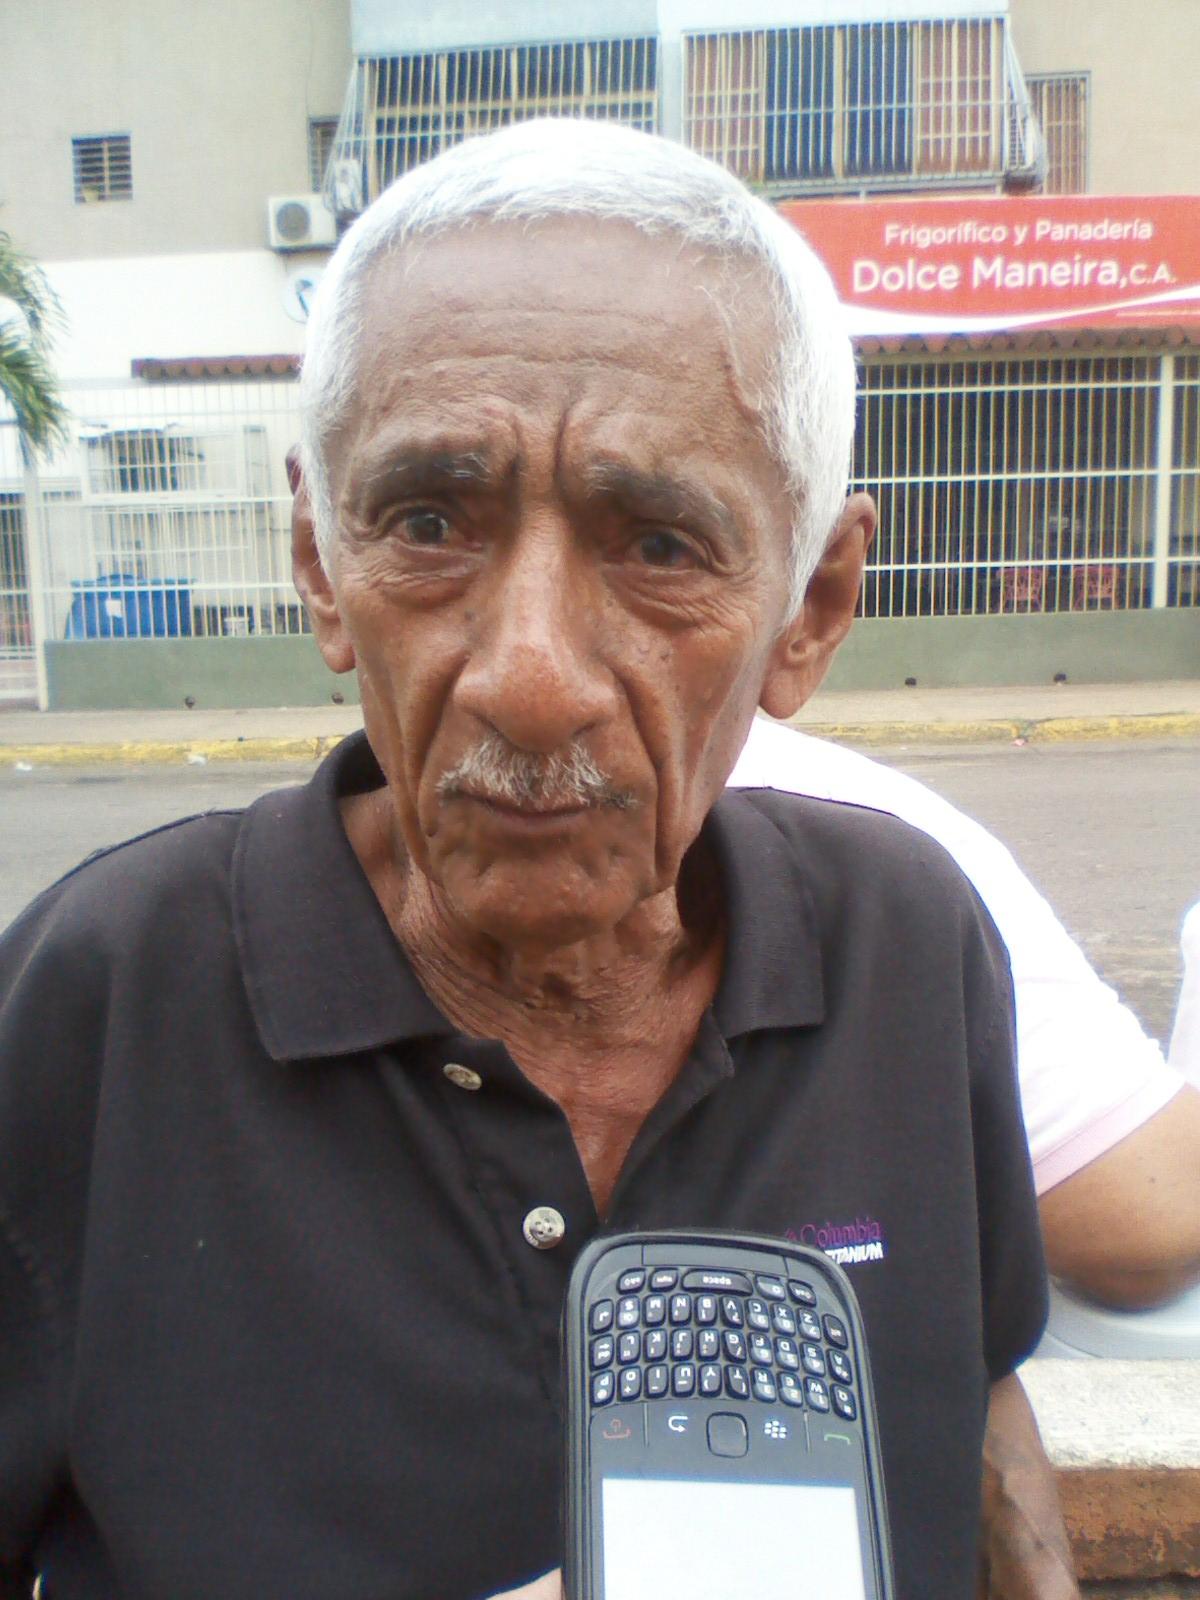 El abuelo Rodolfo Montilla le pidió al gobierno nacional que no los repriman y dejen de cometer tantas injusticias en contra de los venezolanos